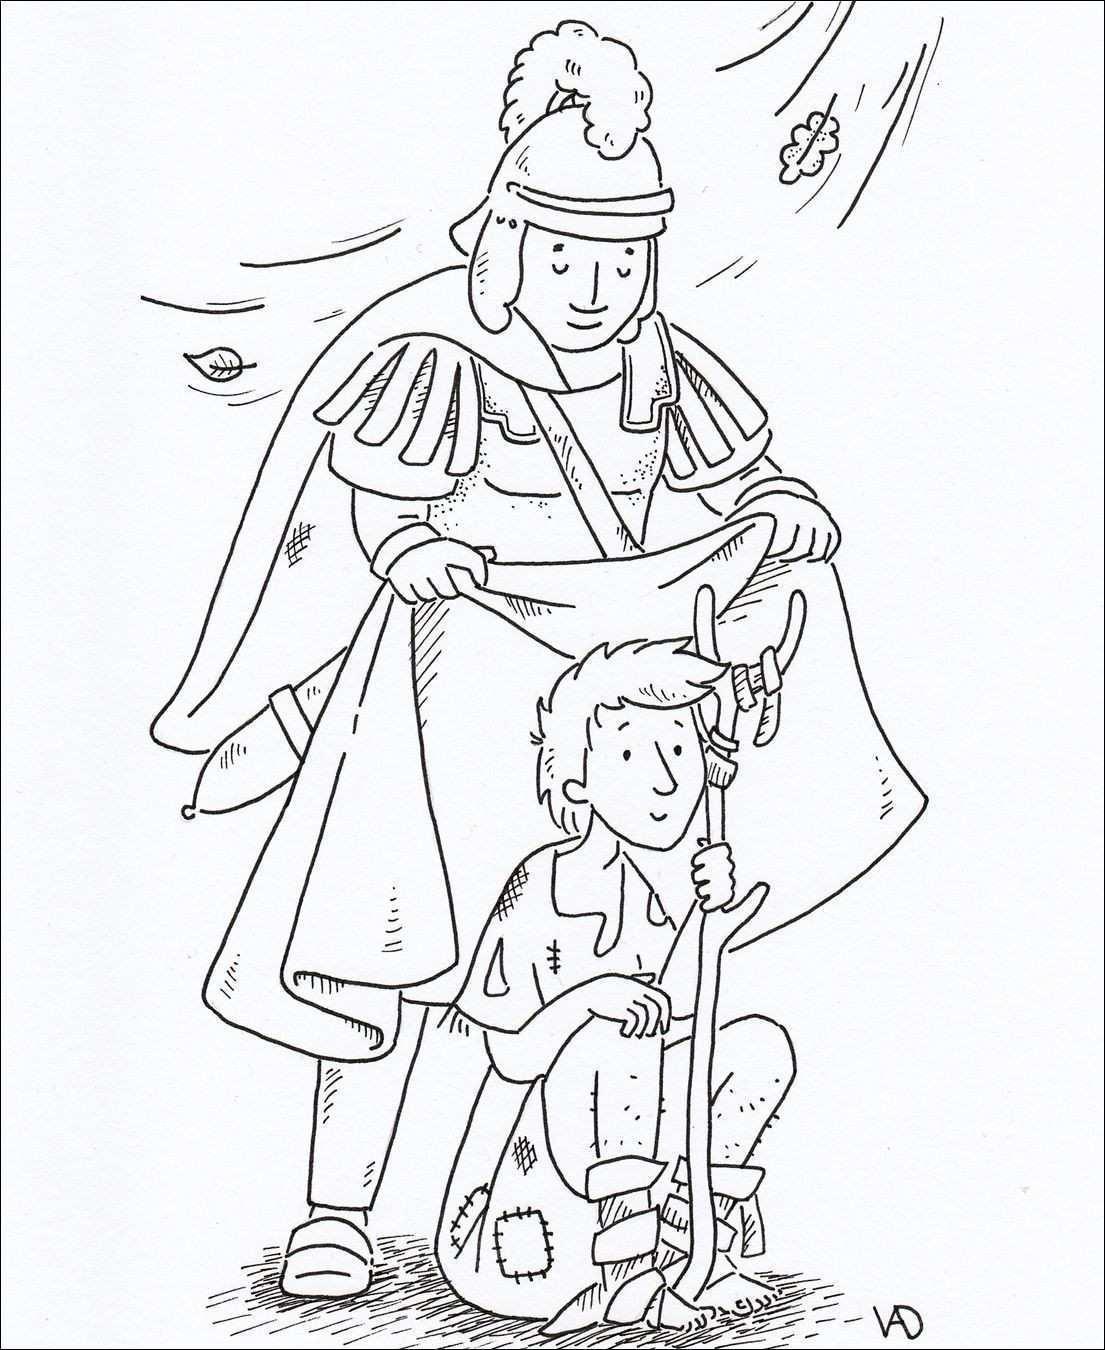 Arche Noah Ausmalbild Inspirierend Arche Noah Ausmalbilder Bild Ausmalbilder Zu Palmsonntag Sammlung